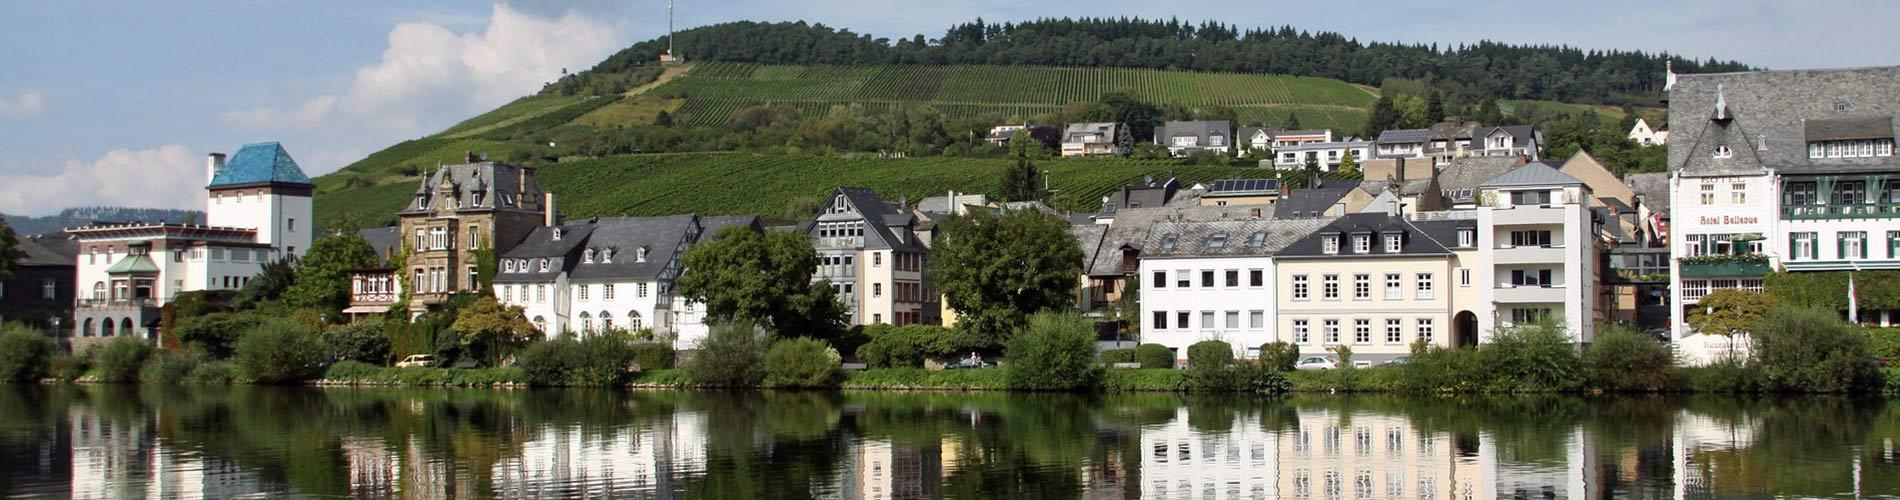 Tourismusabgabe in den Ortsgemeinden der Verbandsgemeinde Traben-Trarbach unzulässig?